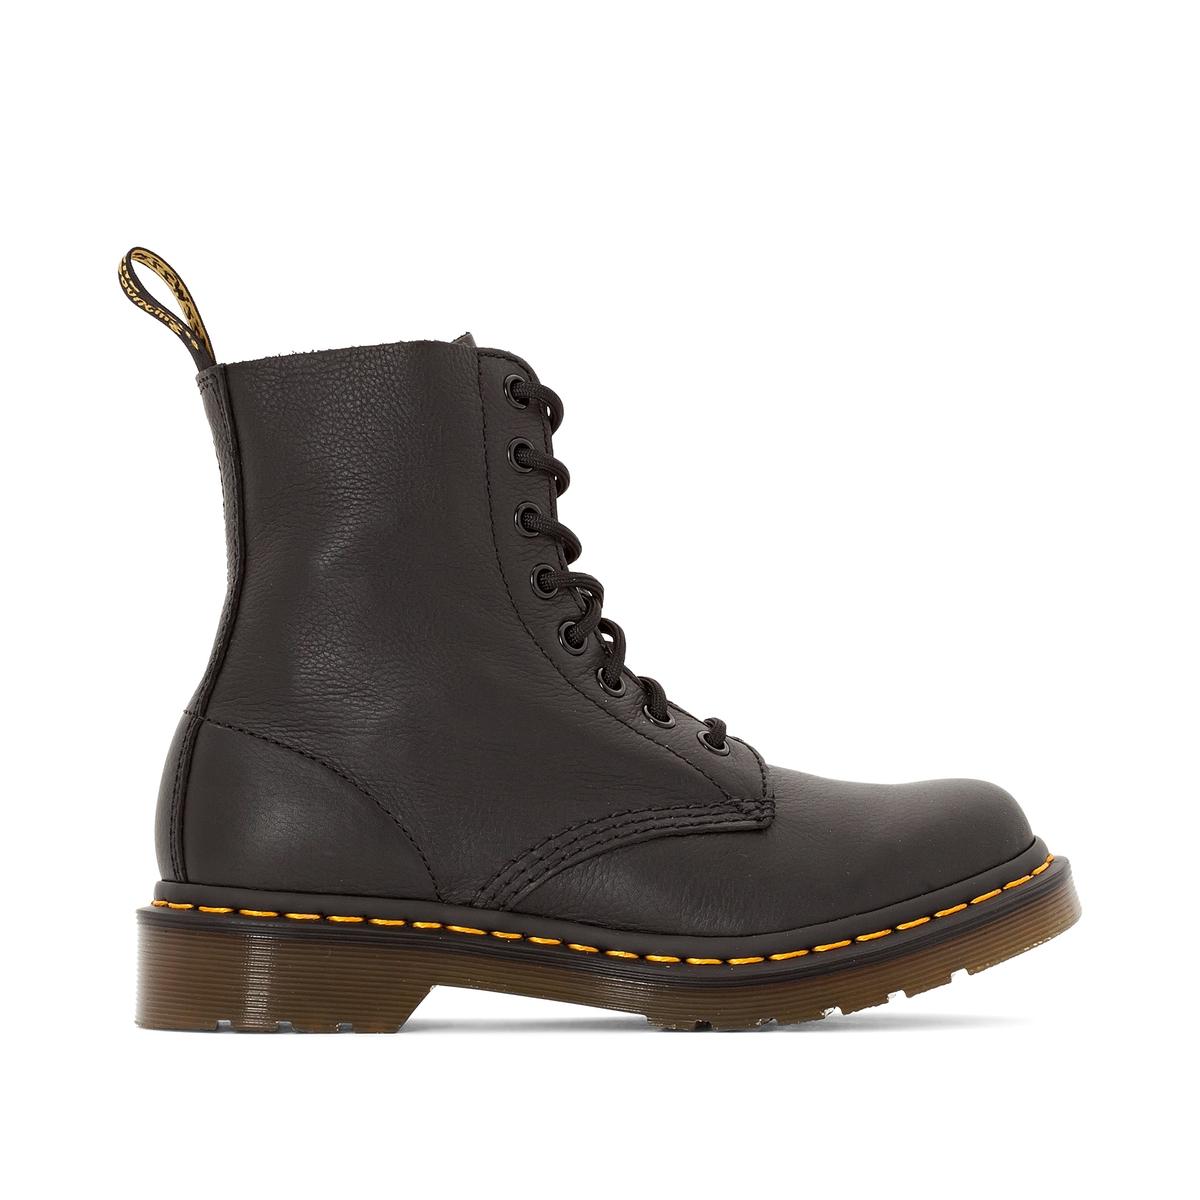 Ботинки LaRedoute Кожаные на шнуровке 1460 40 черный кеды laredoute кожаные на шнуровке v10 40 белый